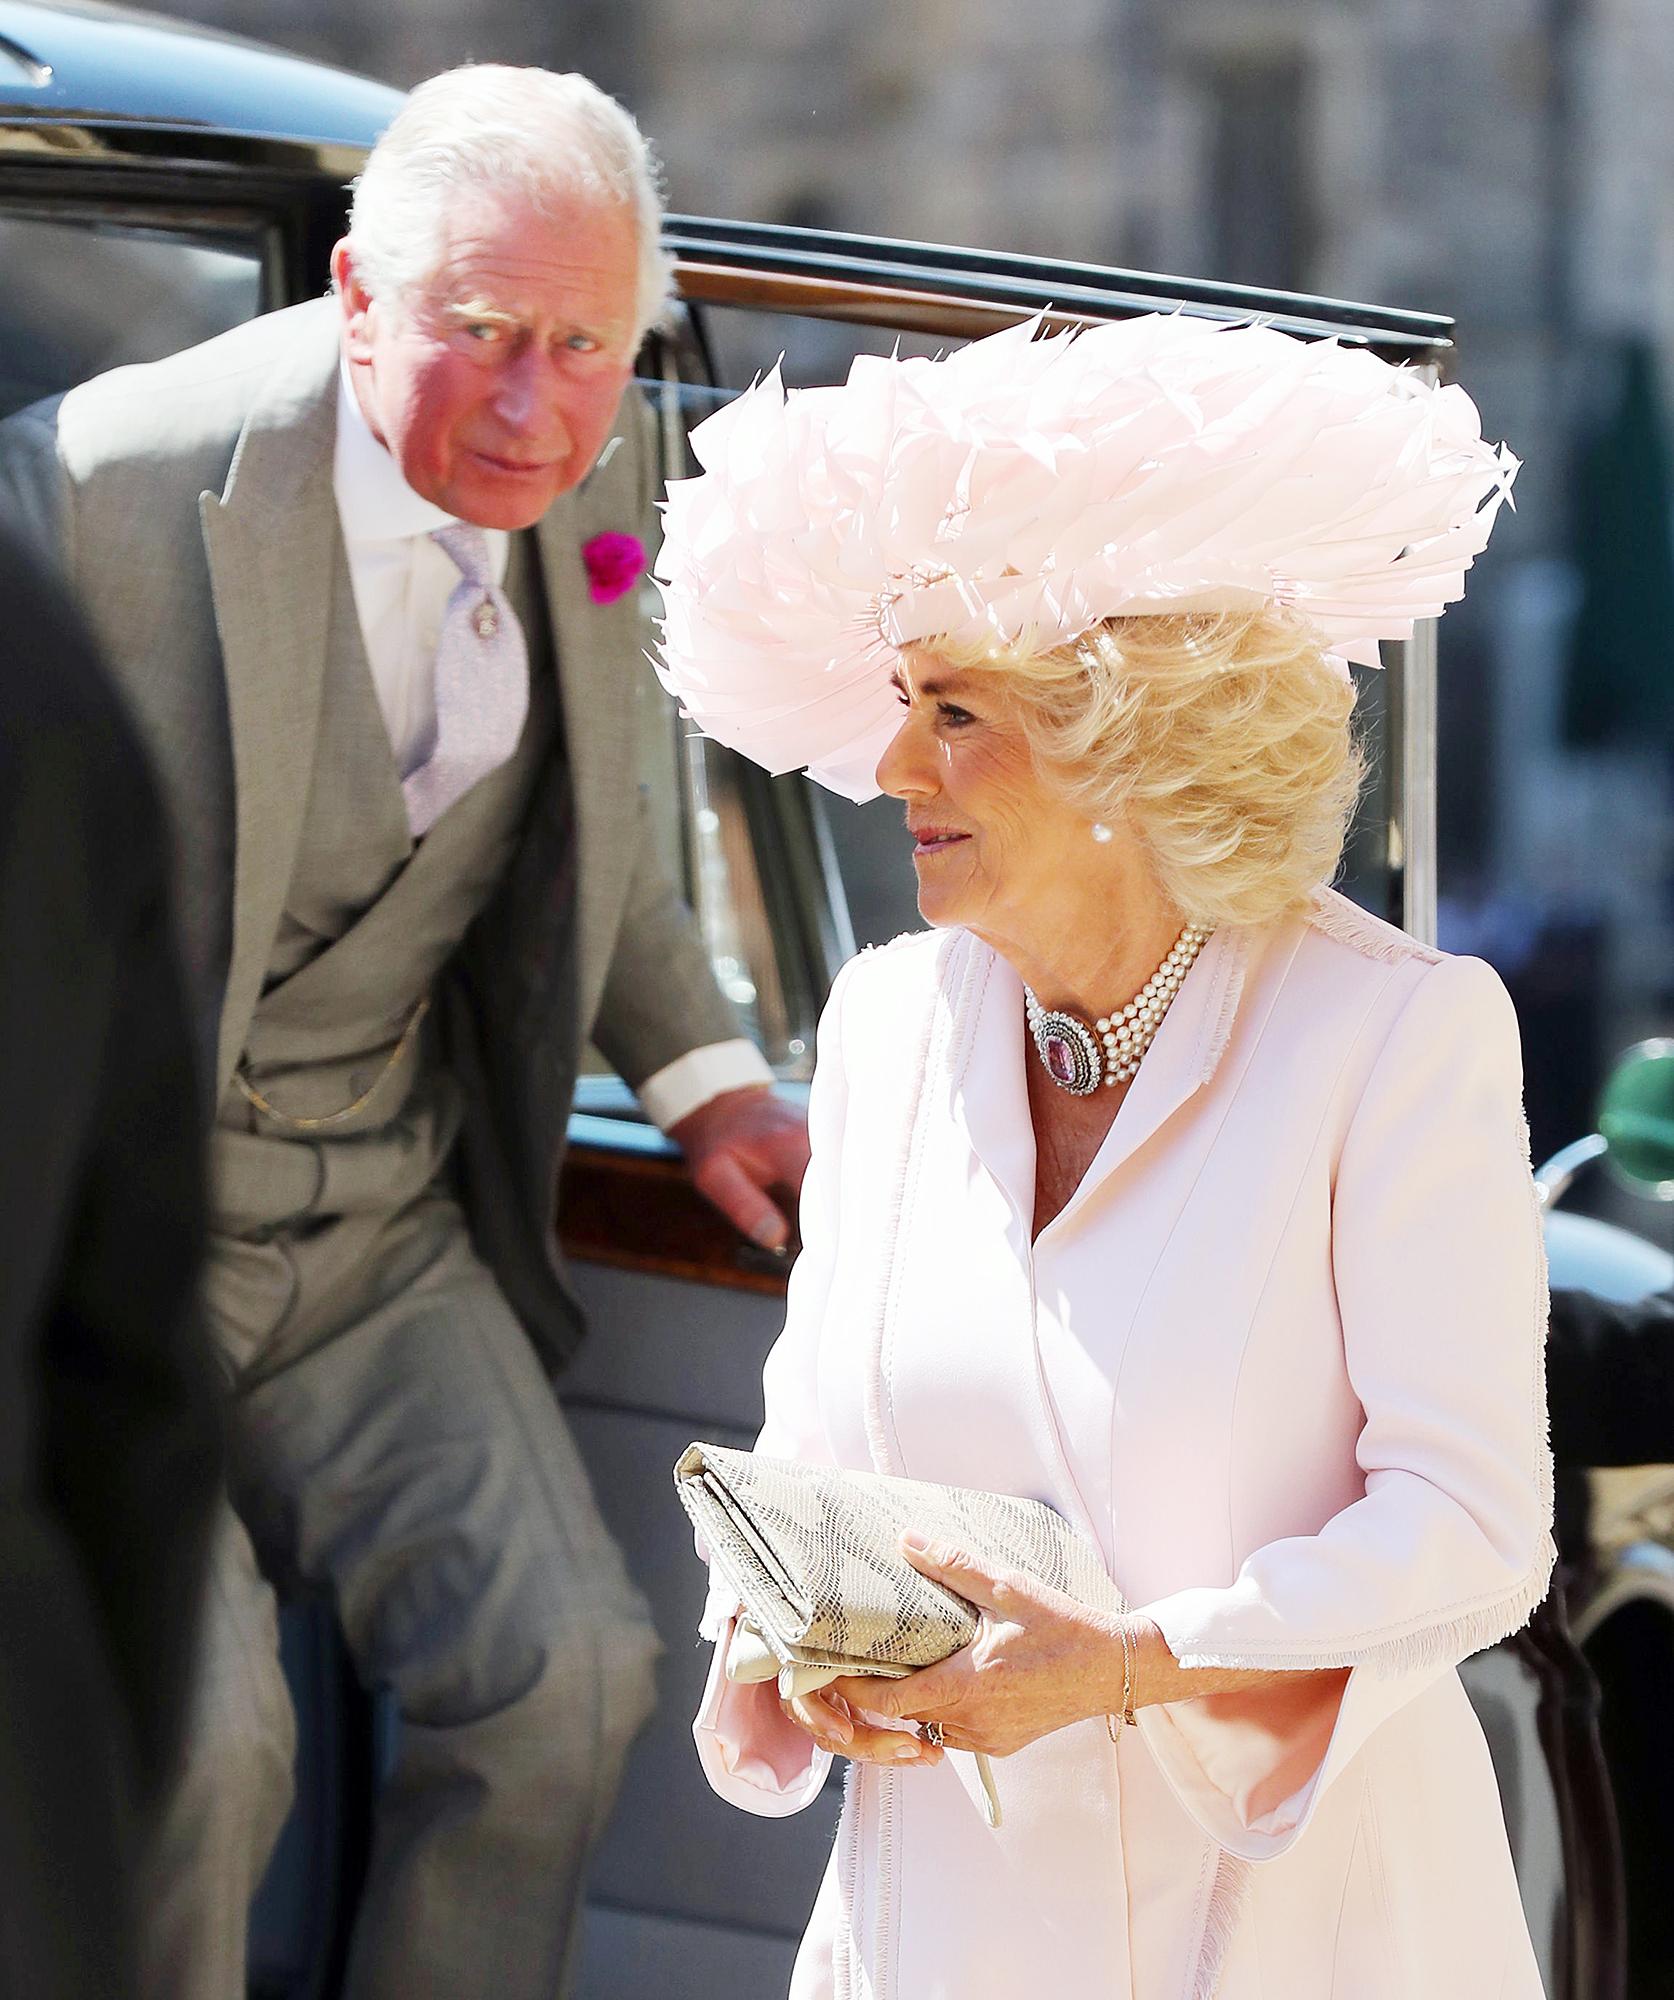 Prince Charles Camilla Royal Wedding